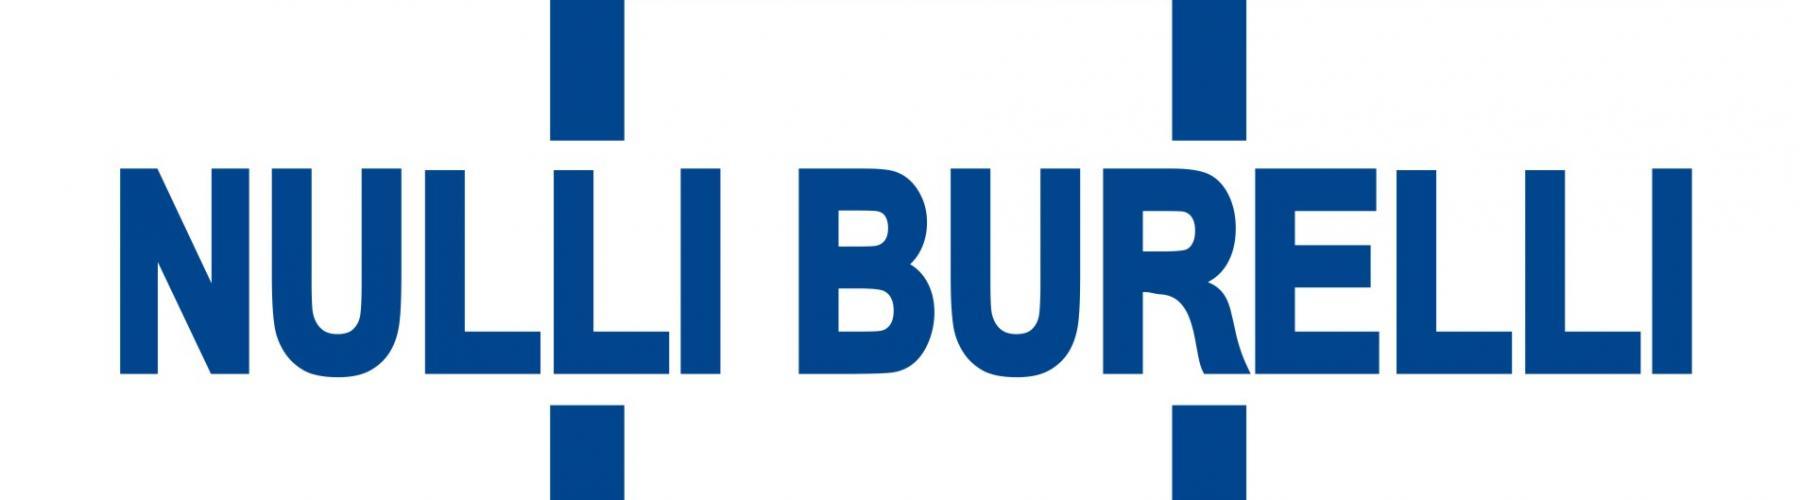 Copertina Impresa Nulli Burelli